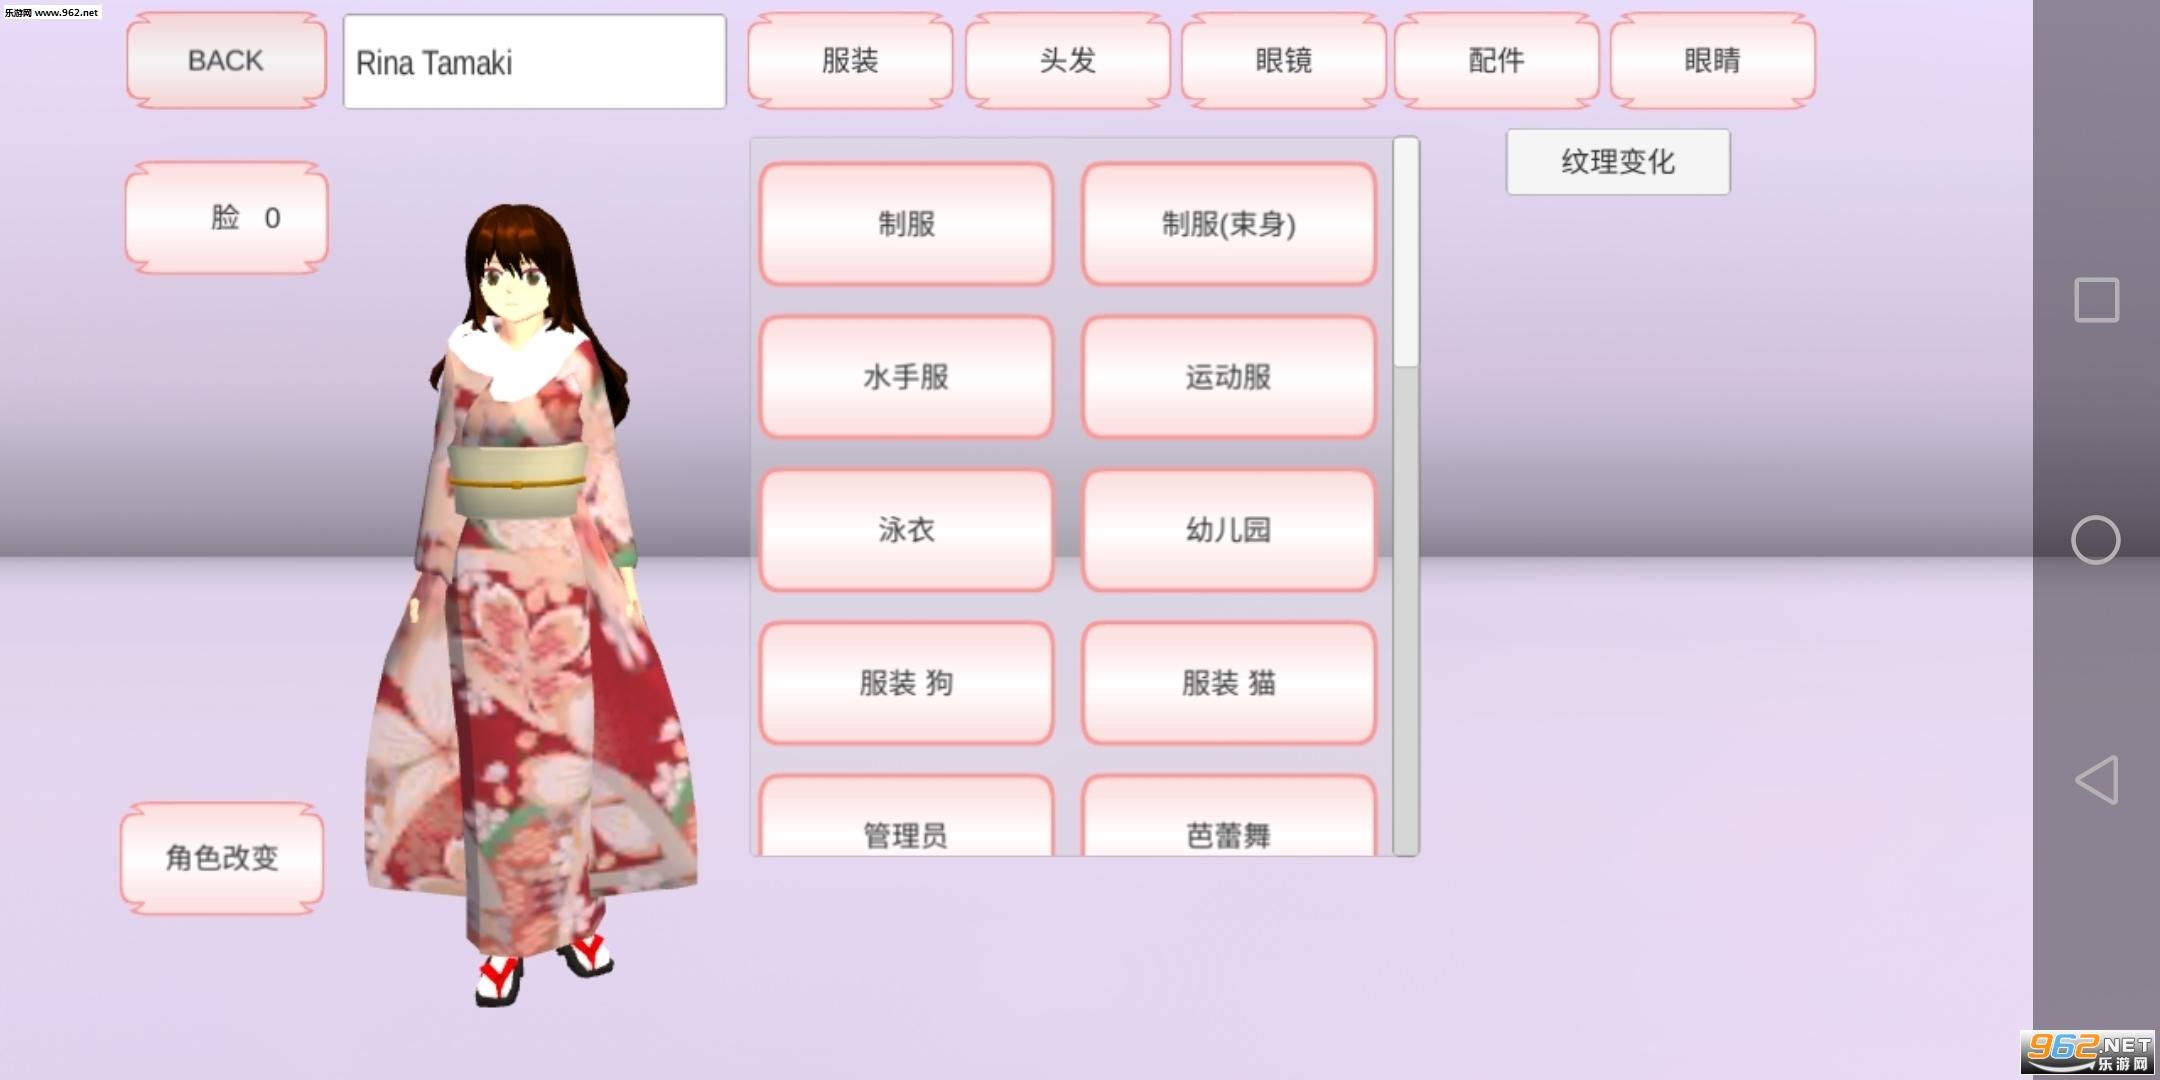 樱花校园模拟器元旦最新版新年和服女巫服巫女服解锁版v1.032.60截图1